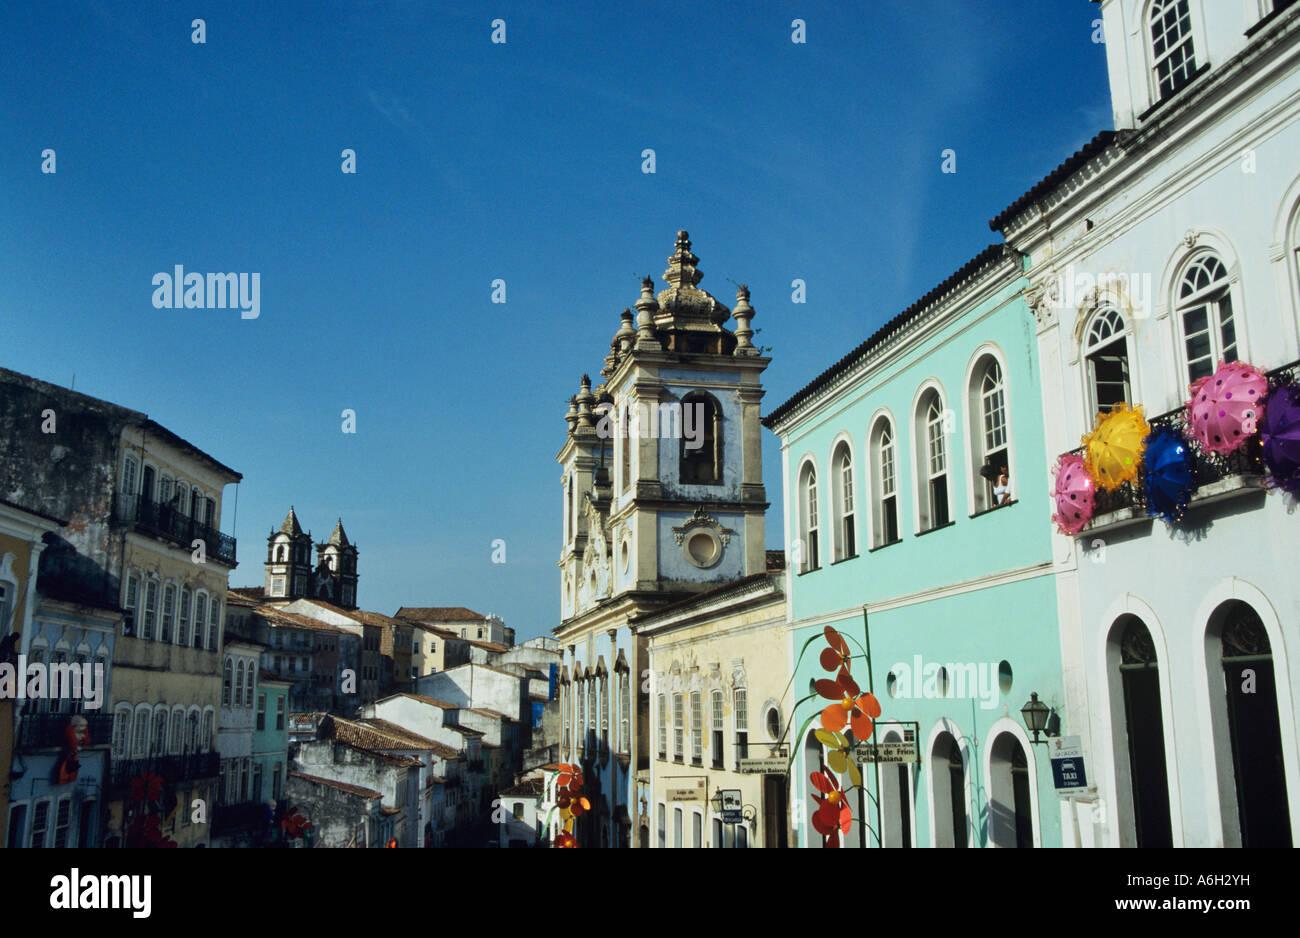 Street in salvador brazil - Stock Image